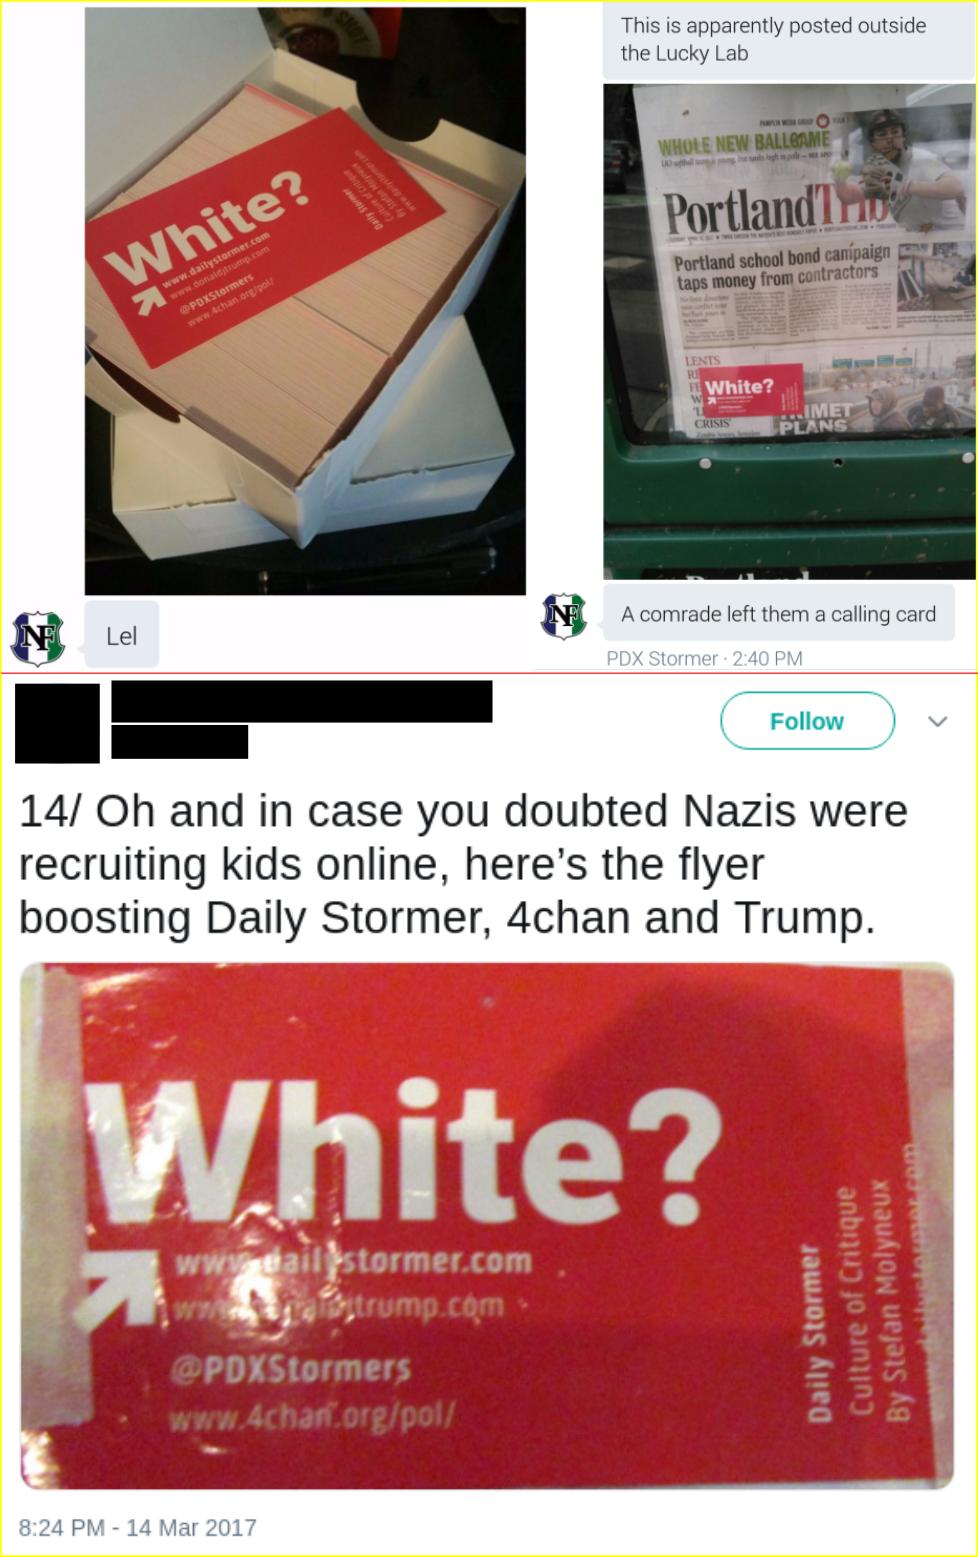 Matt Blais distributes white supremacist propaganda